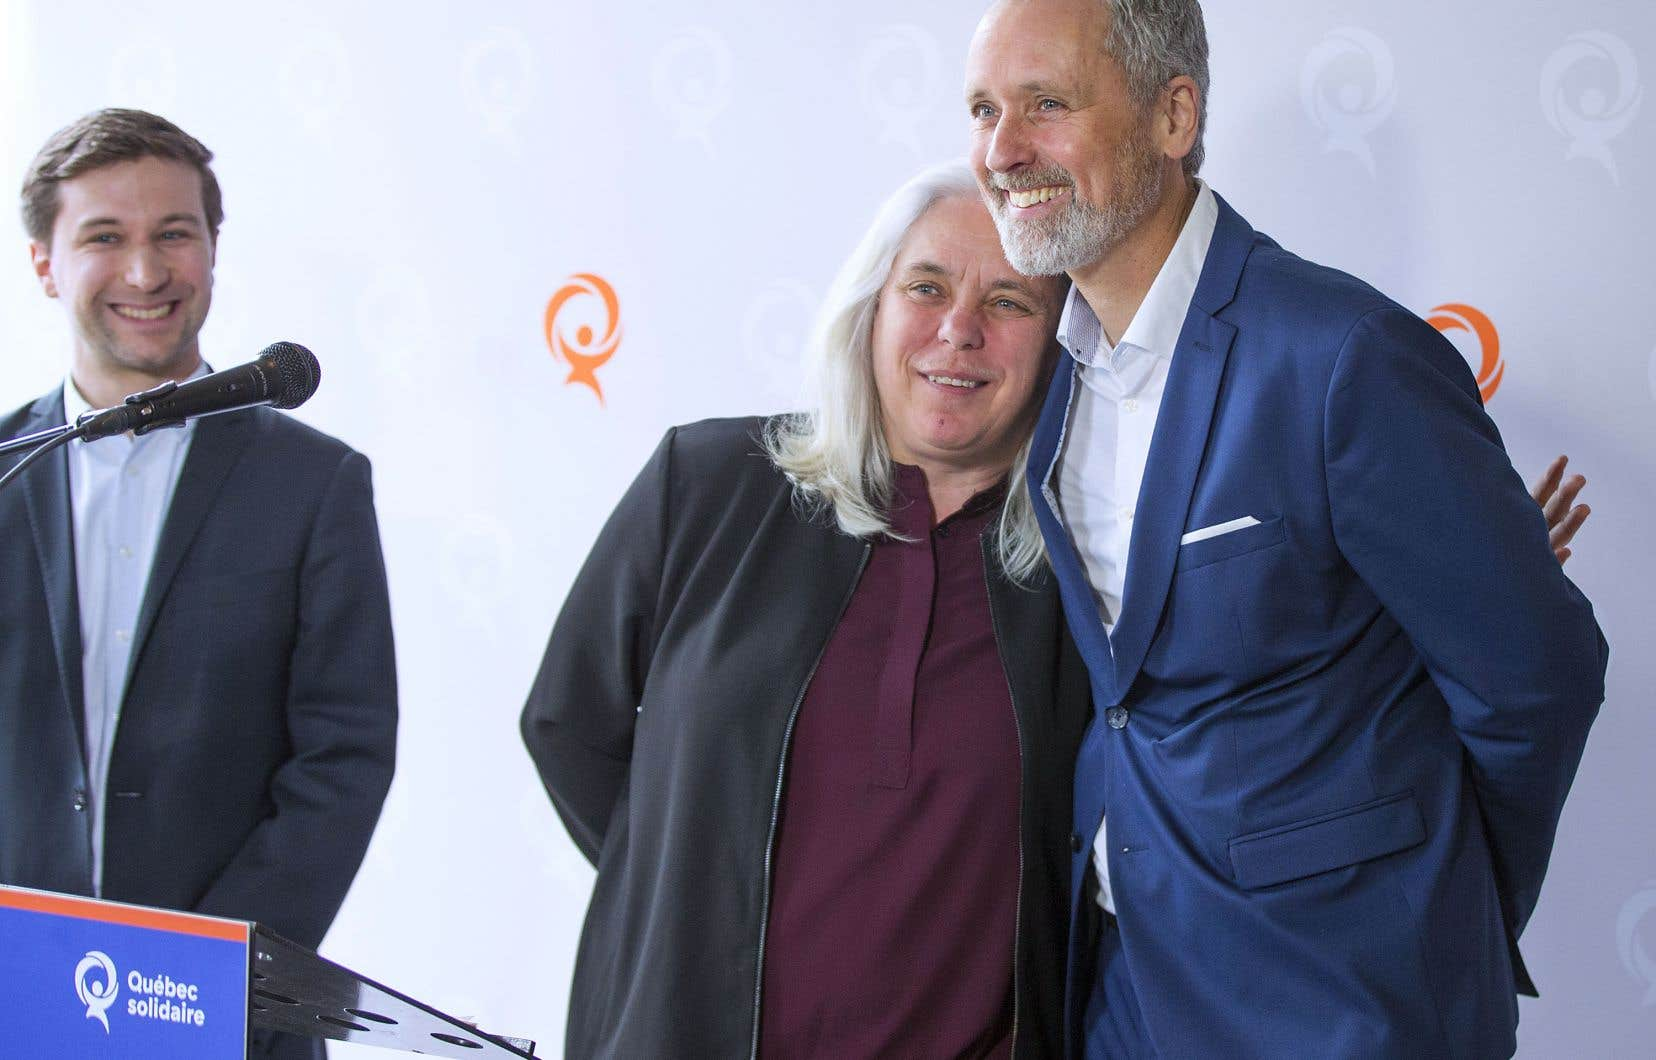 Vincent Marissal a été présenté par les deux porte-parole de Québec solidaire, Manon Massé et Gabriel Nadeau-Dubois.